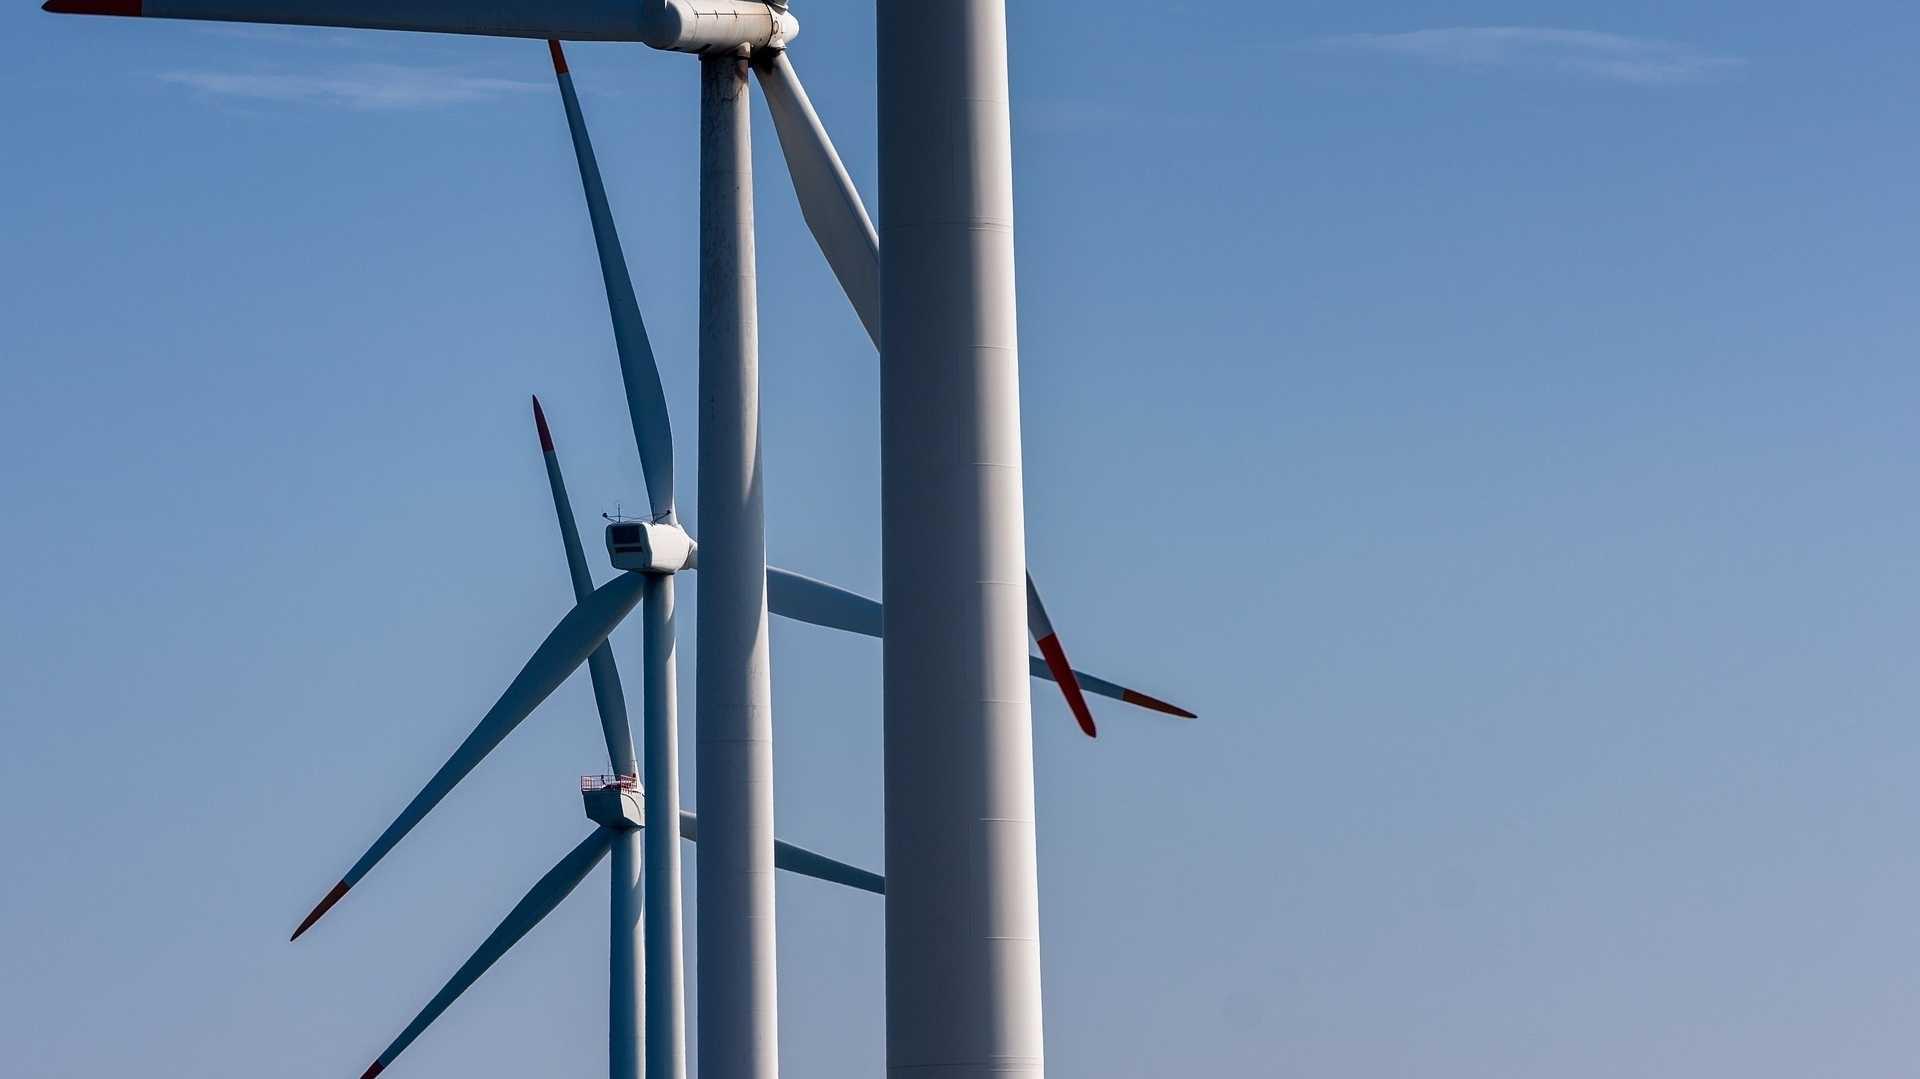 Windenergieanlagen: WHO warnt vor gesundheitsschädlichen Lärm